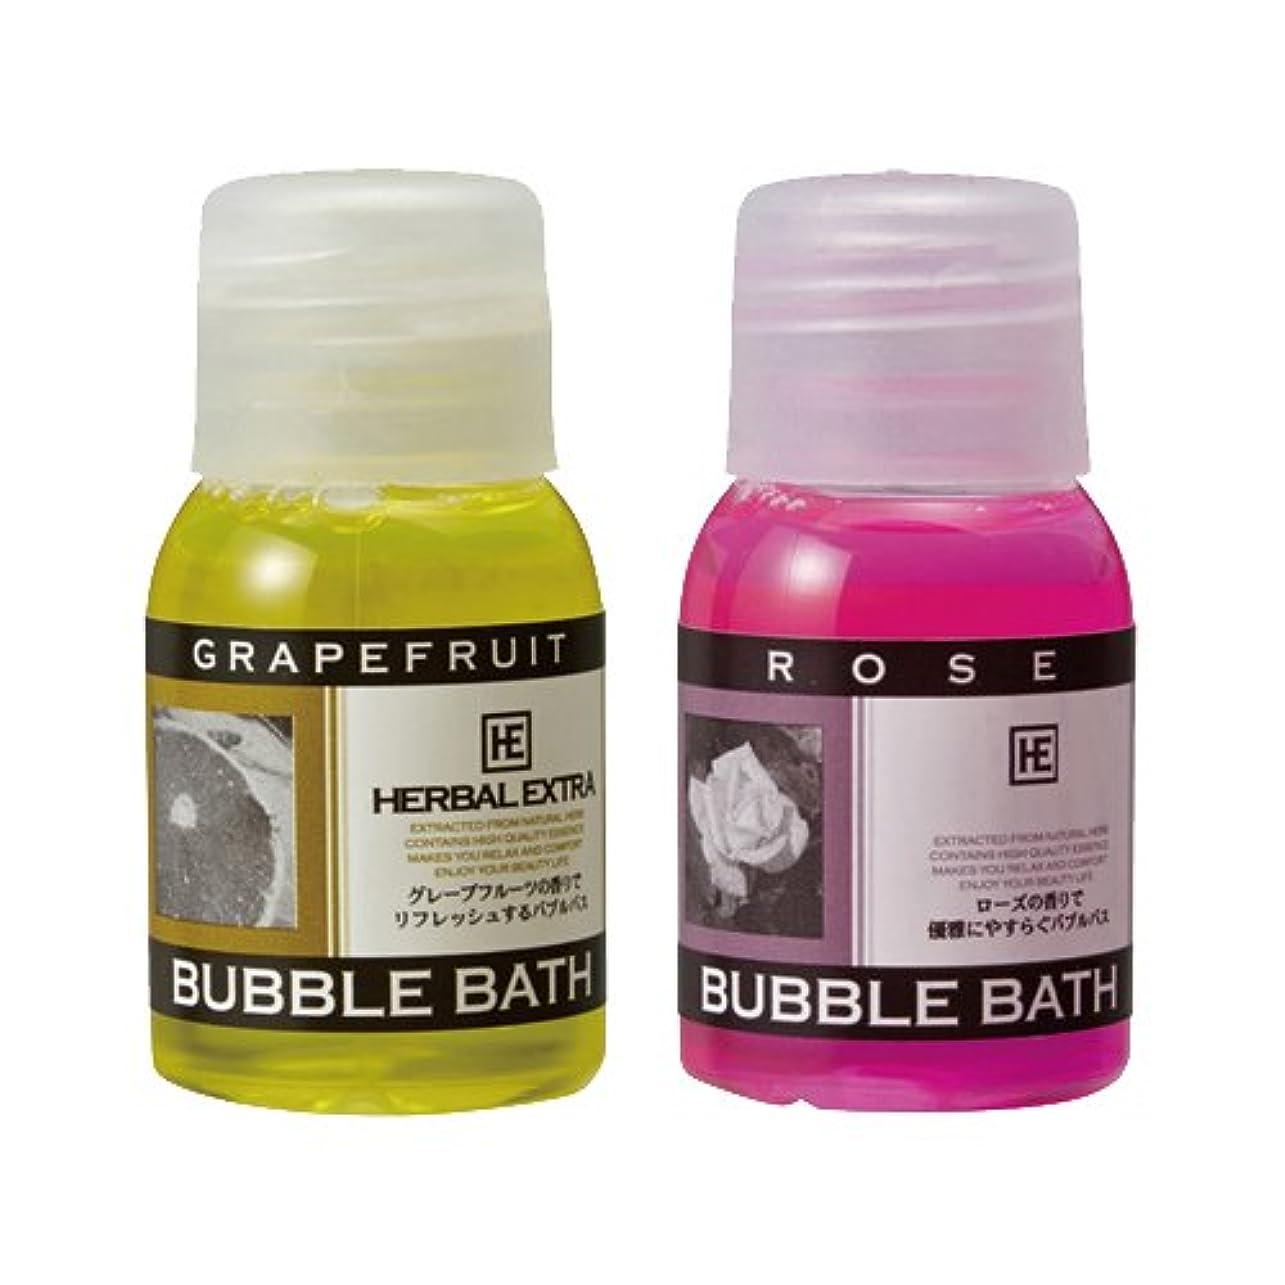 まあ記念品独立したハーバルエクストラ バブルバス ミニボトル × おまかせアソート10個セット - ホテルアメニティ 業務用 発泡入浴剤 (BUBBLE BATH)